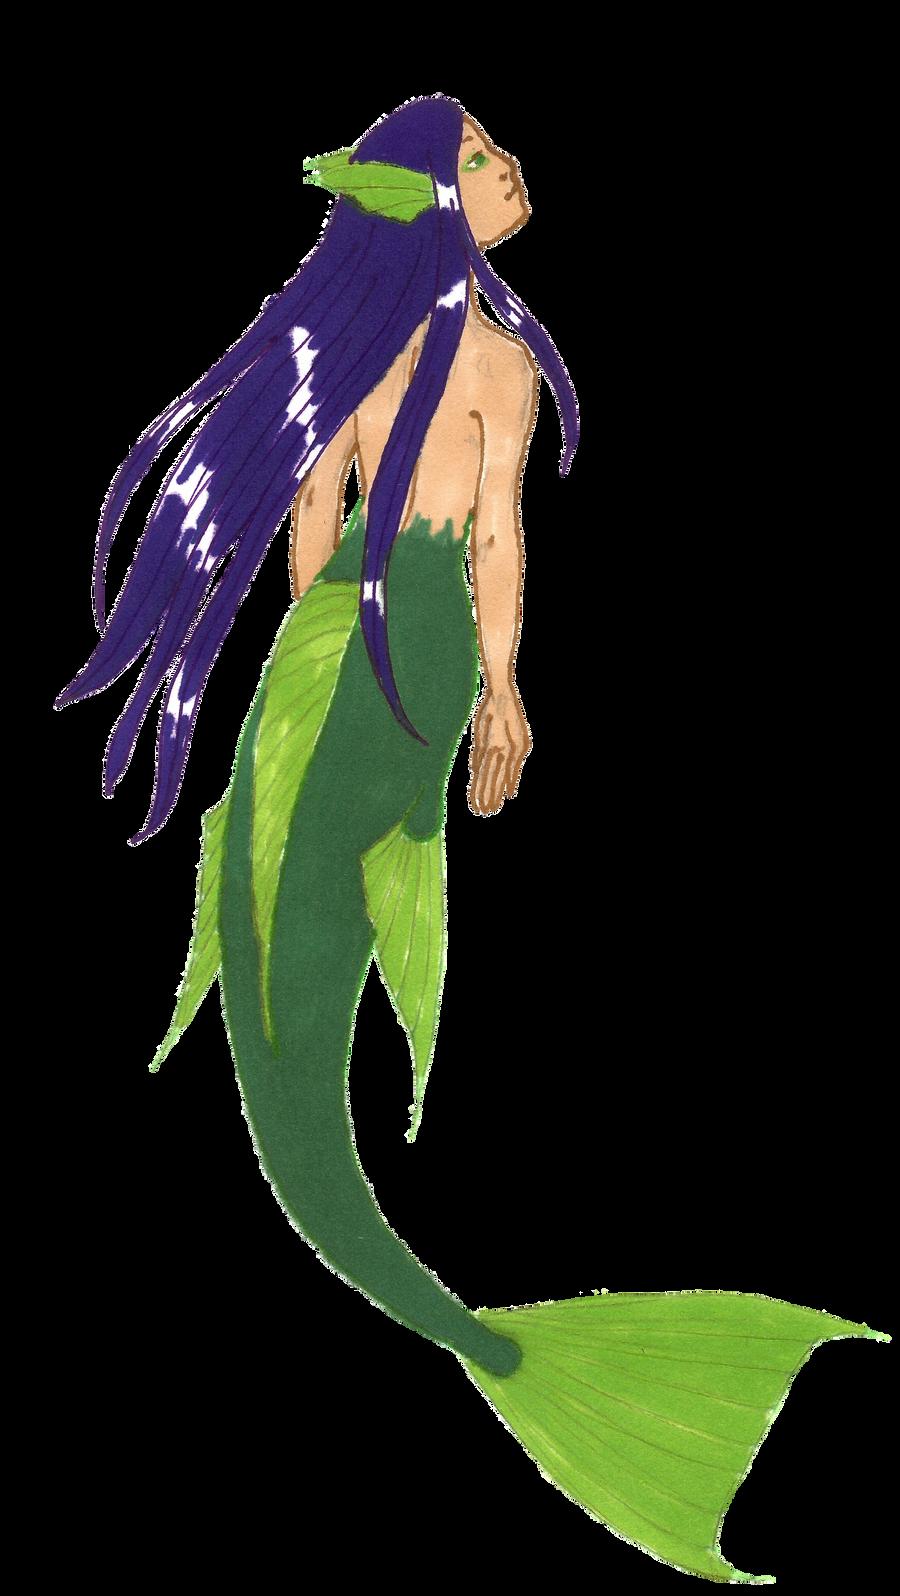 transparent mermaid - photo #3